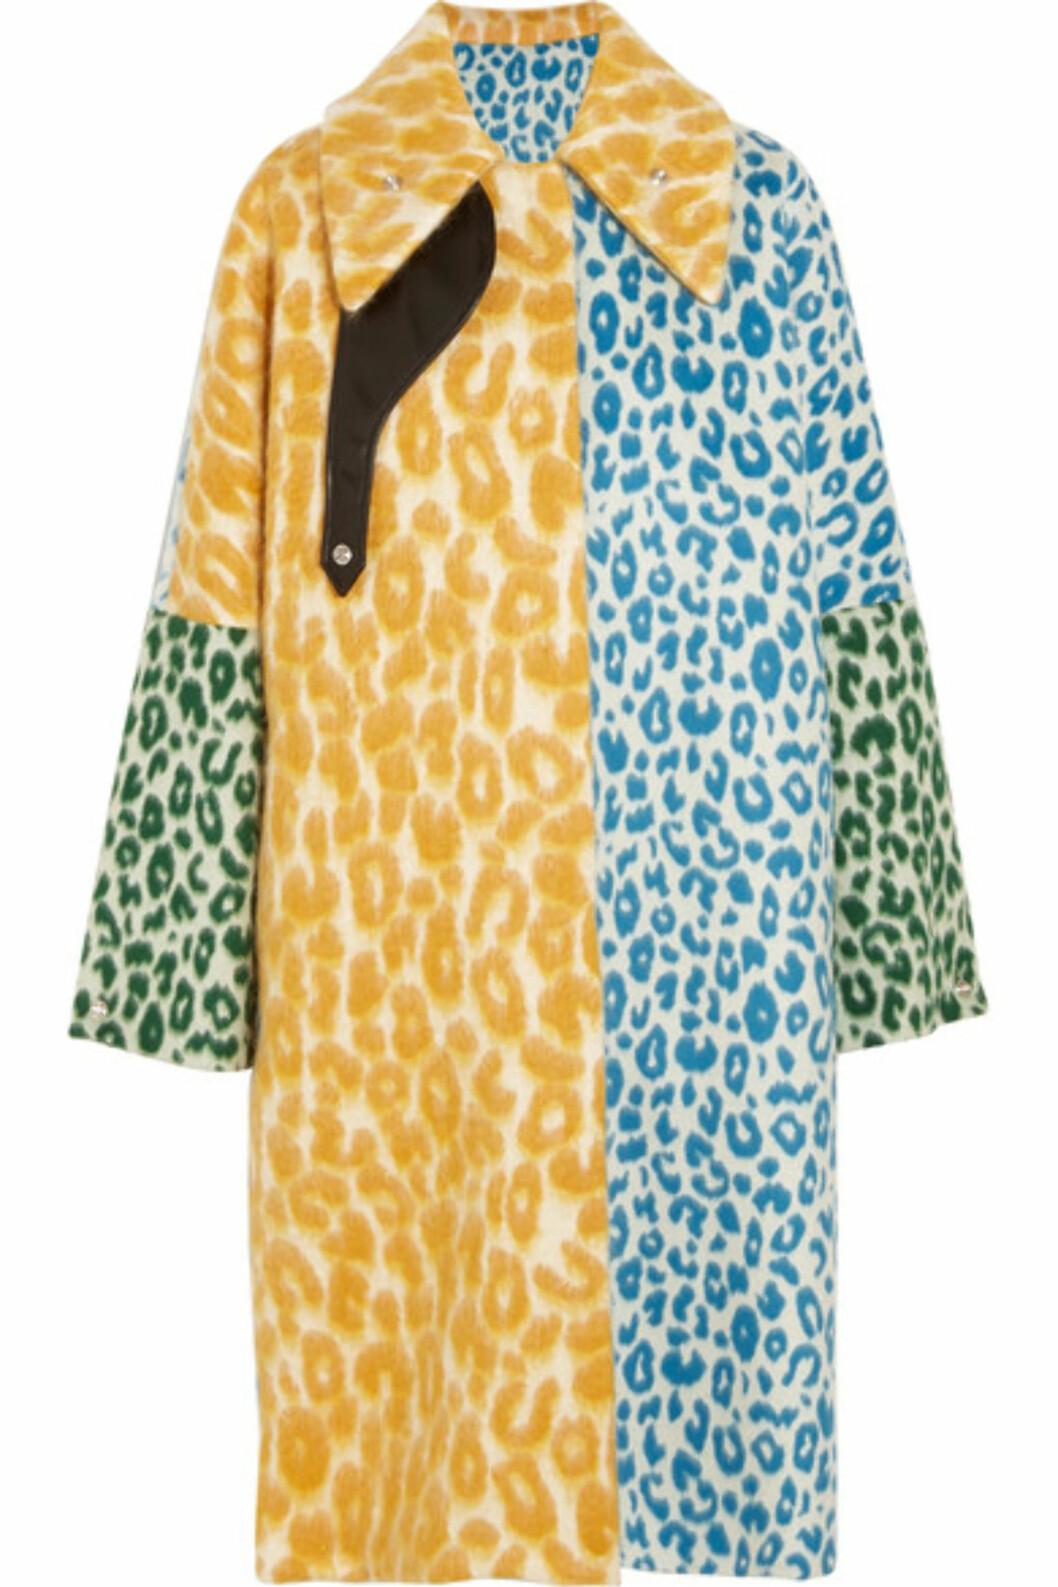 Kåpe fra Acne Studios via Net-a-porter.com | kr 21280 | https://www.net-a-porter.com/no/en/product/755588/Acne_Studios/bertilyn-leo-oversized-leopard-print-felt-coat